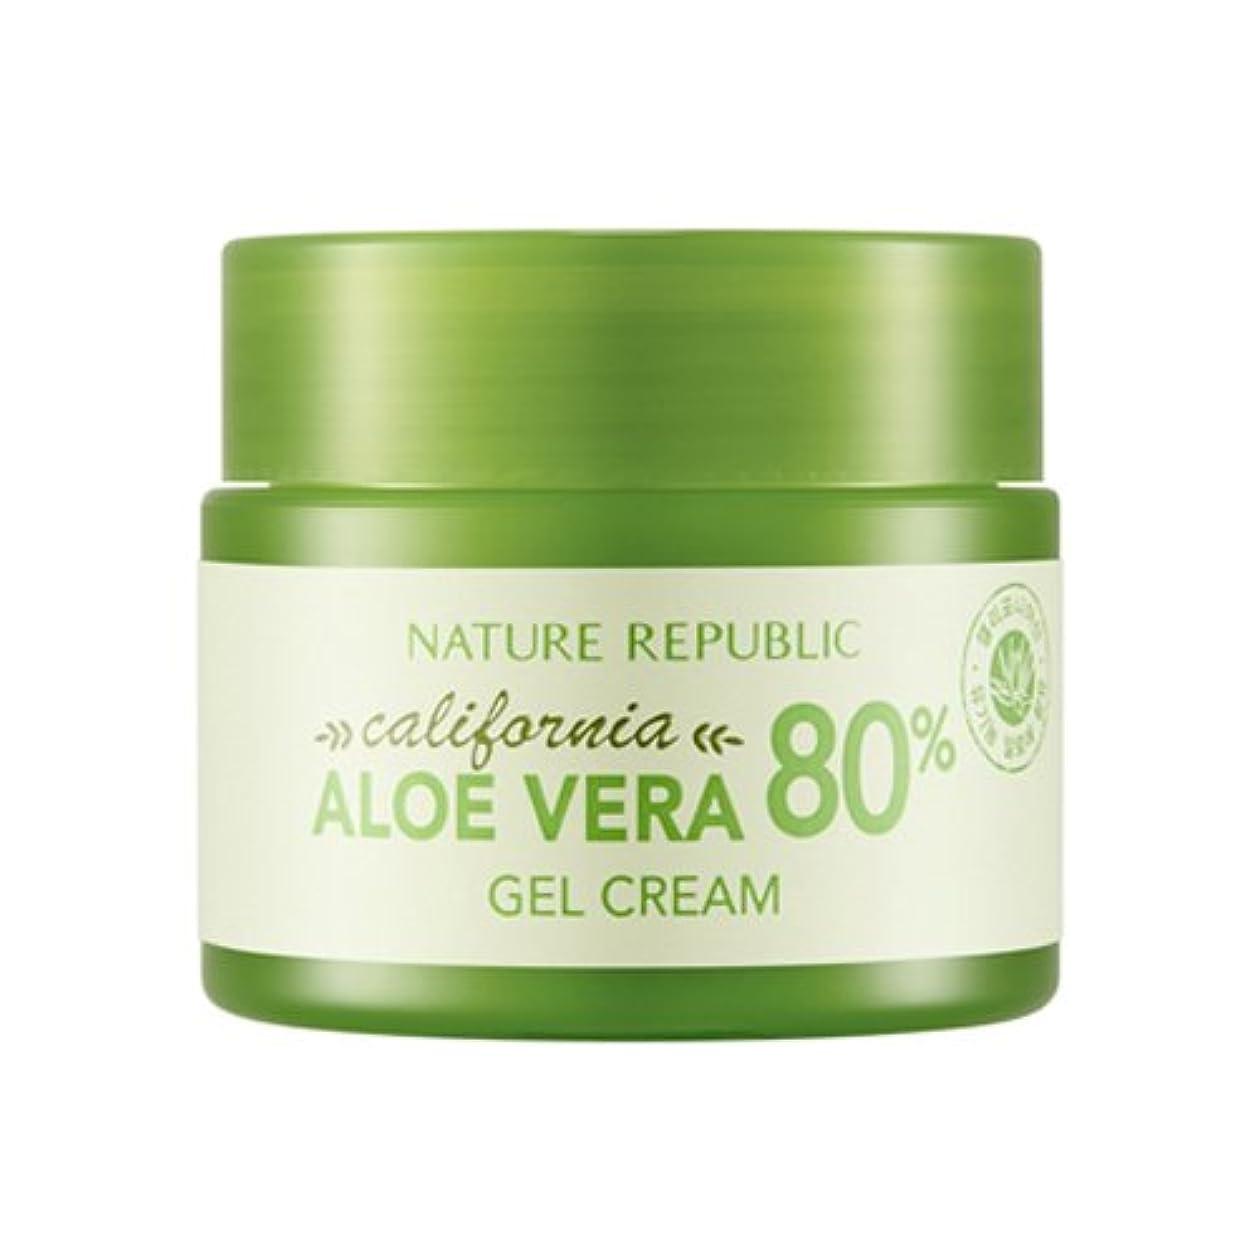 フレット保存するスナック[ネイチャーリパブリック] Nature Republic カリフォルニアアロエベラ80%のゲルクリーム California Aloe Vera 80% Gel Cream [並行輸入品]